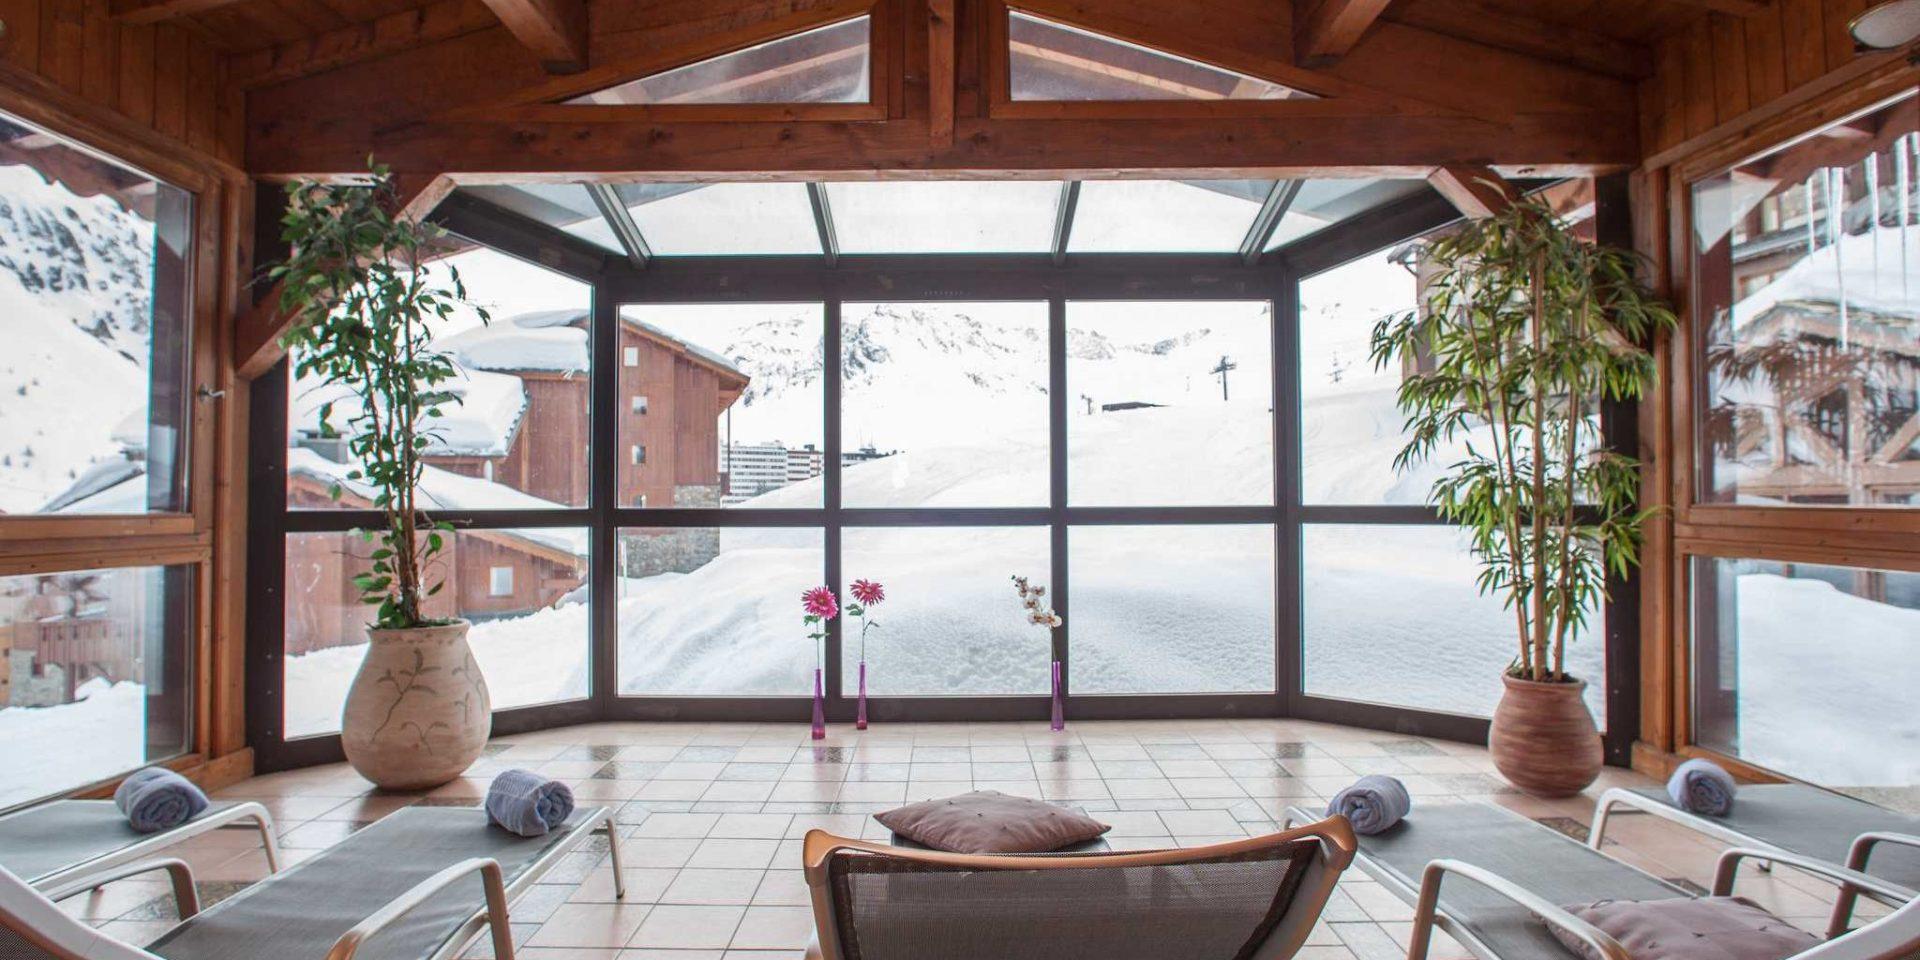 Hotel Village Montana Tignes Tignes-Val d'Isere Frankrijk wintersport skivakantie luxe Spa wellness ligstoelen planten uitzicht besneeuwde bergen sneeuw ontspannen relaxen genieten